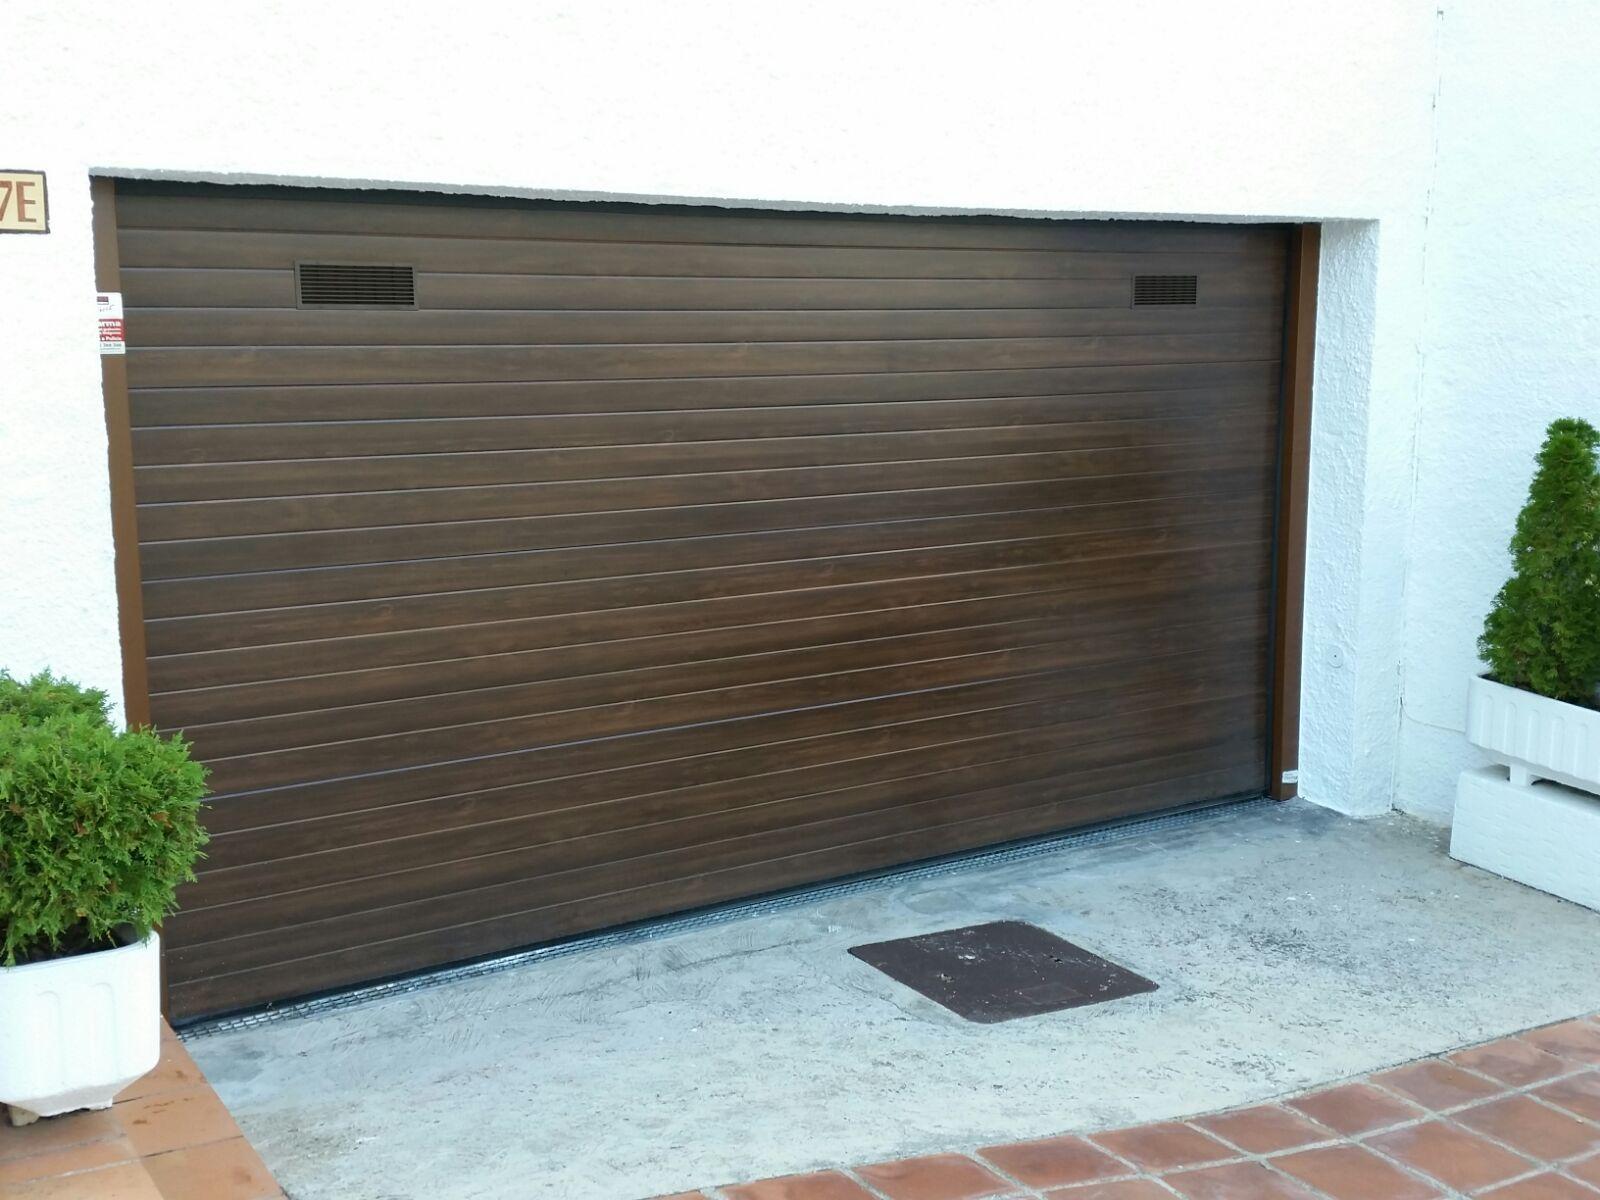 Puerta seccional de garaje en panel imitación madera acanalado liso ...